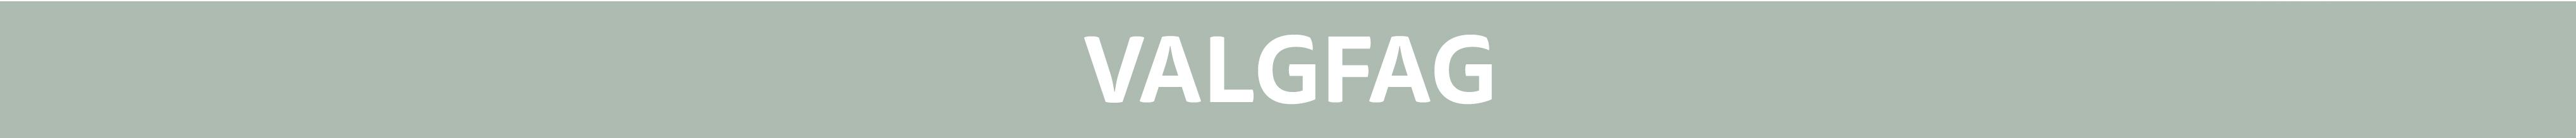 Desktop - Pages - Valgfag